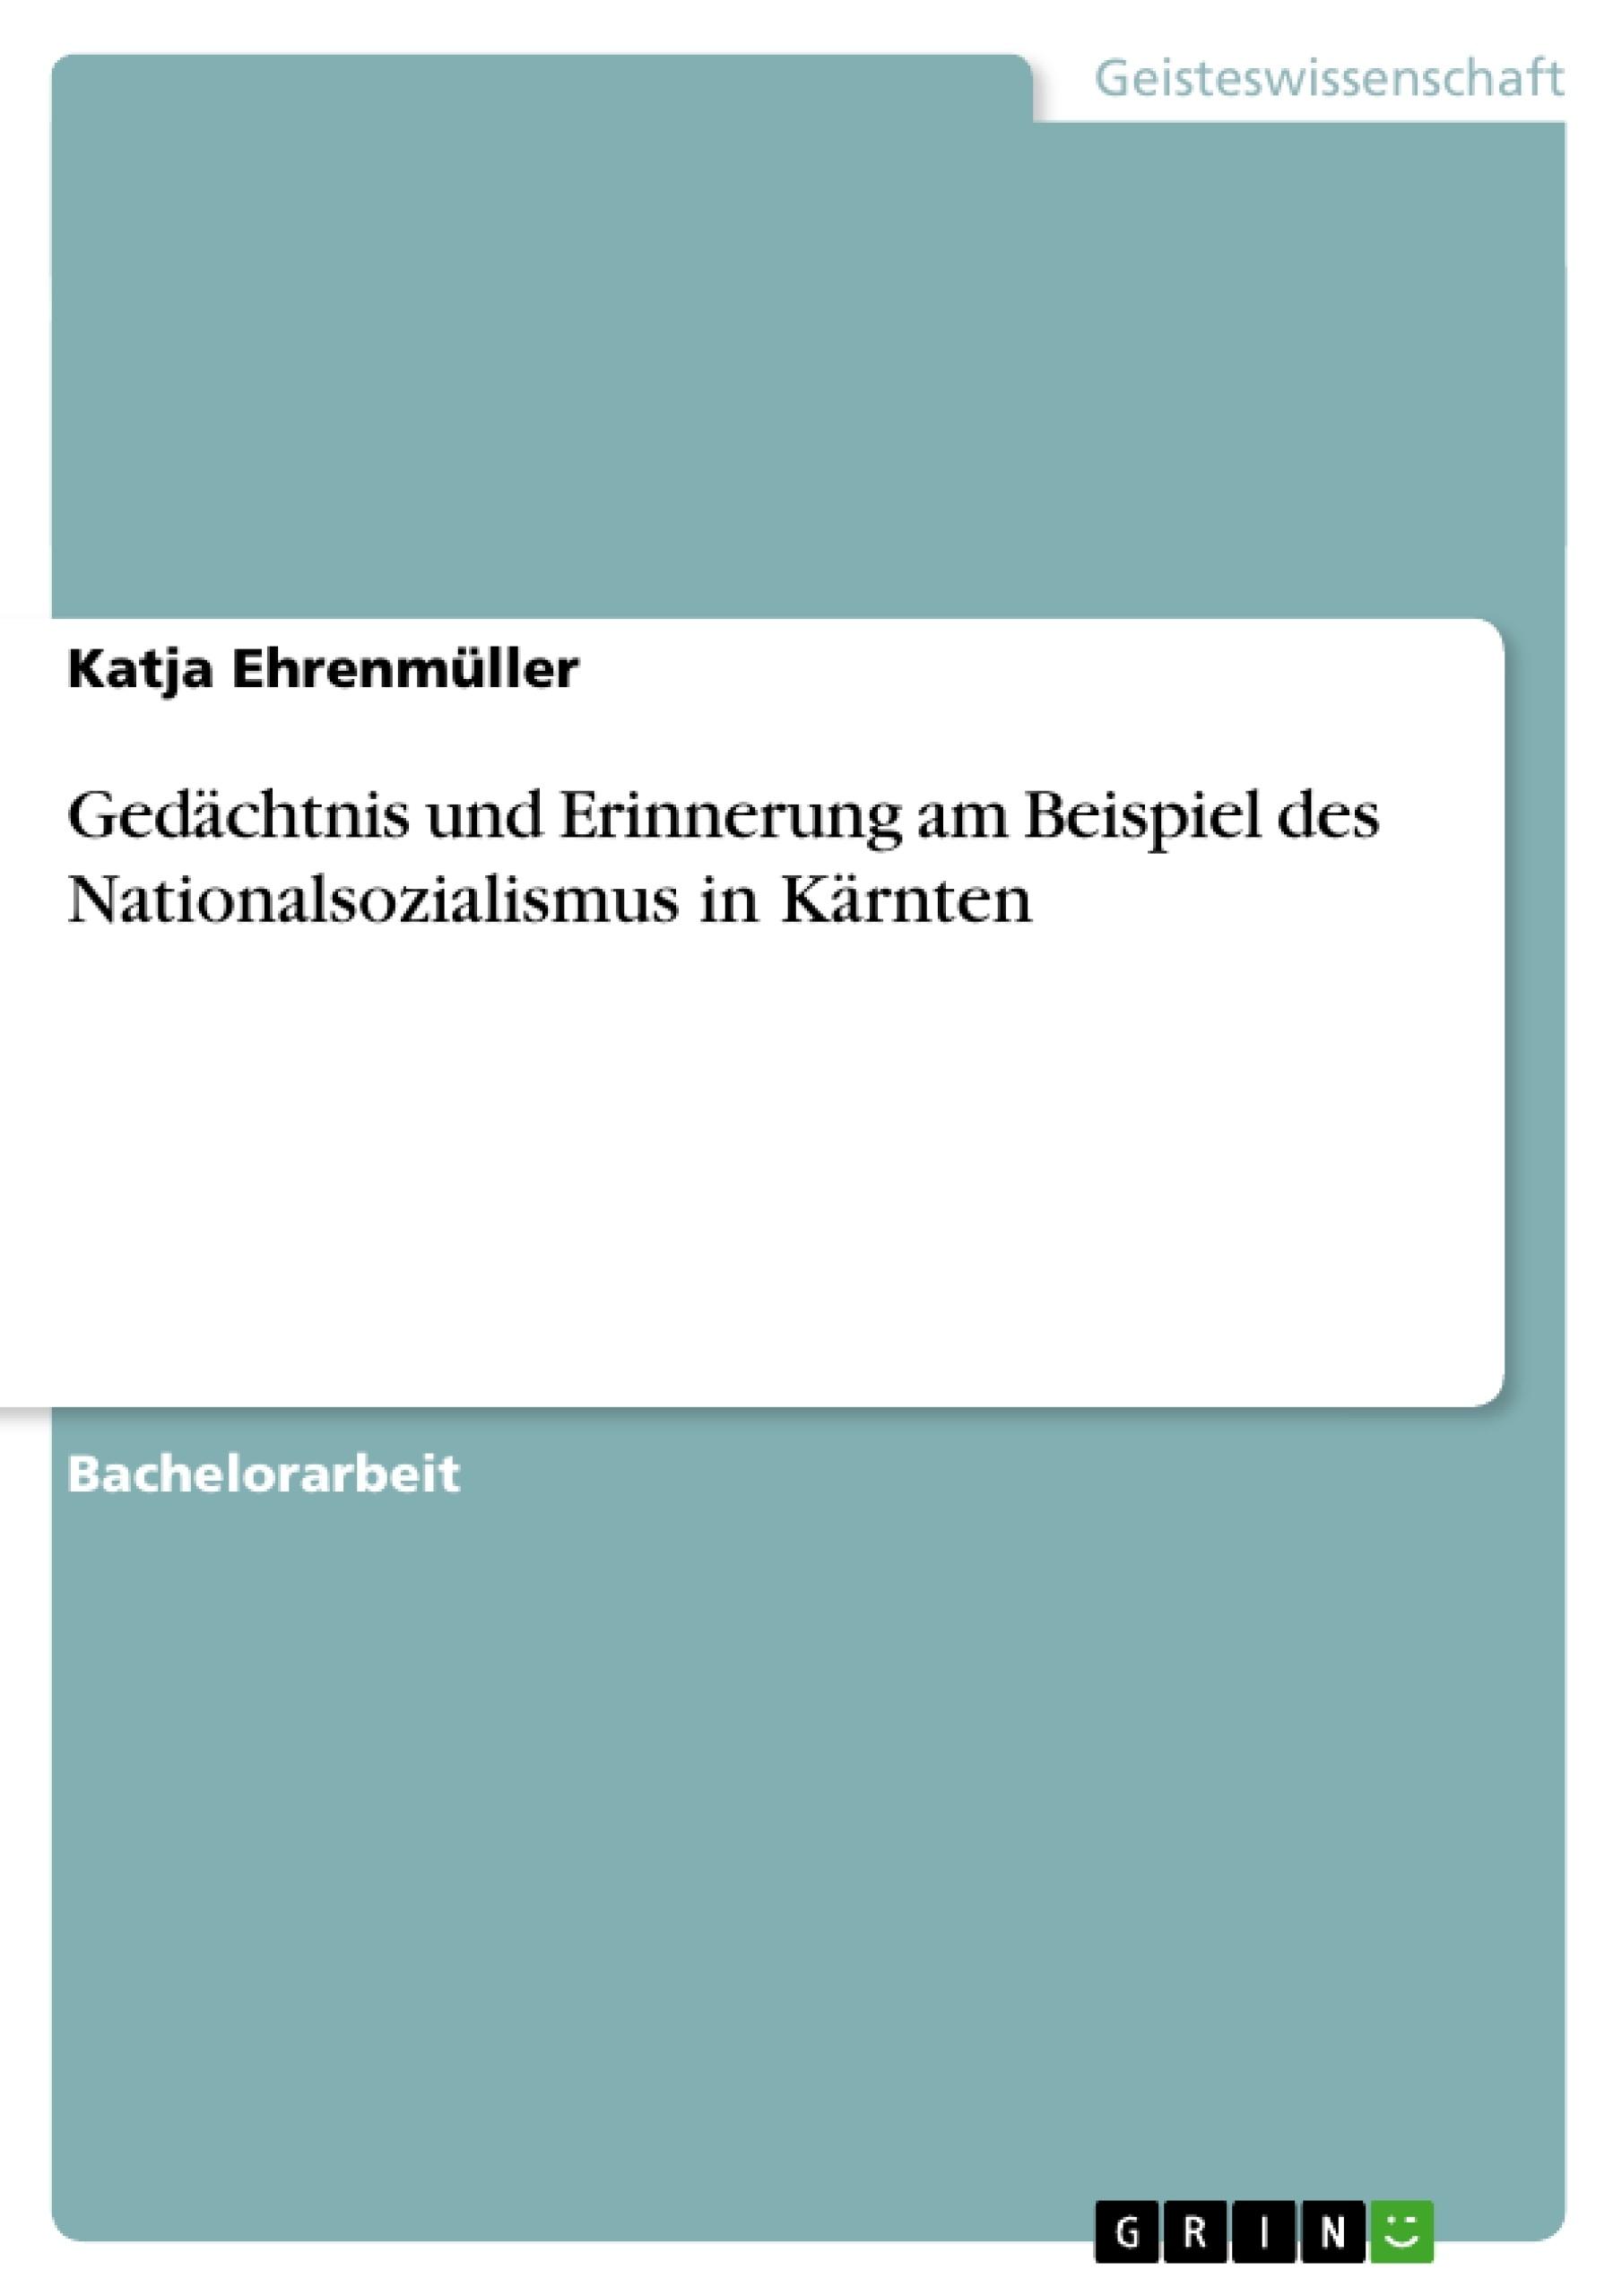 Titel: Gedächtnis und Erinnerung am Beispiel des Nationalsozialismus in Kärnten